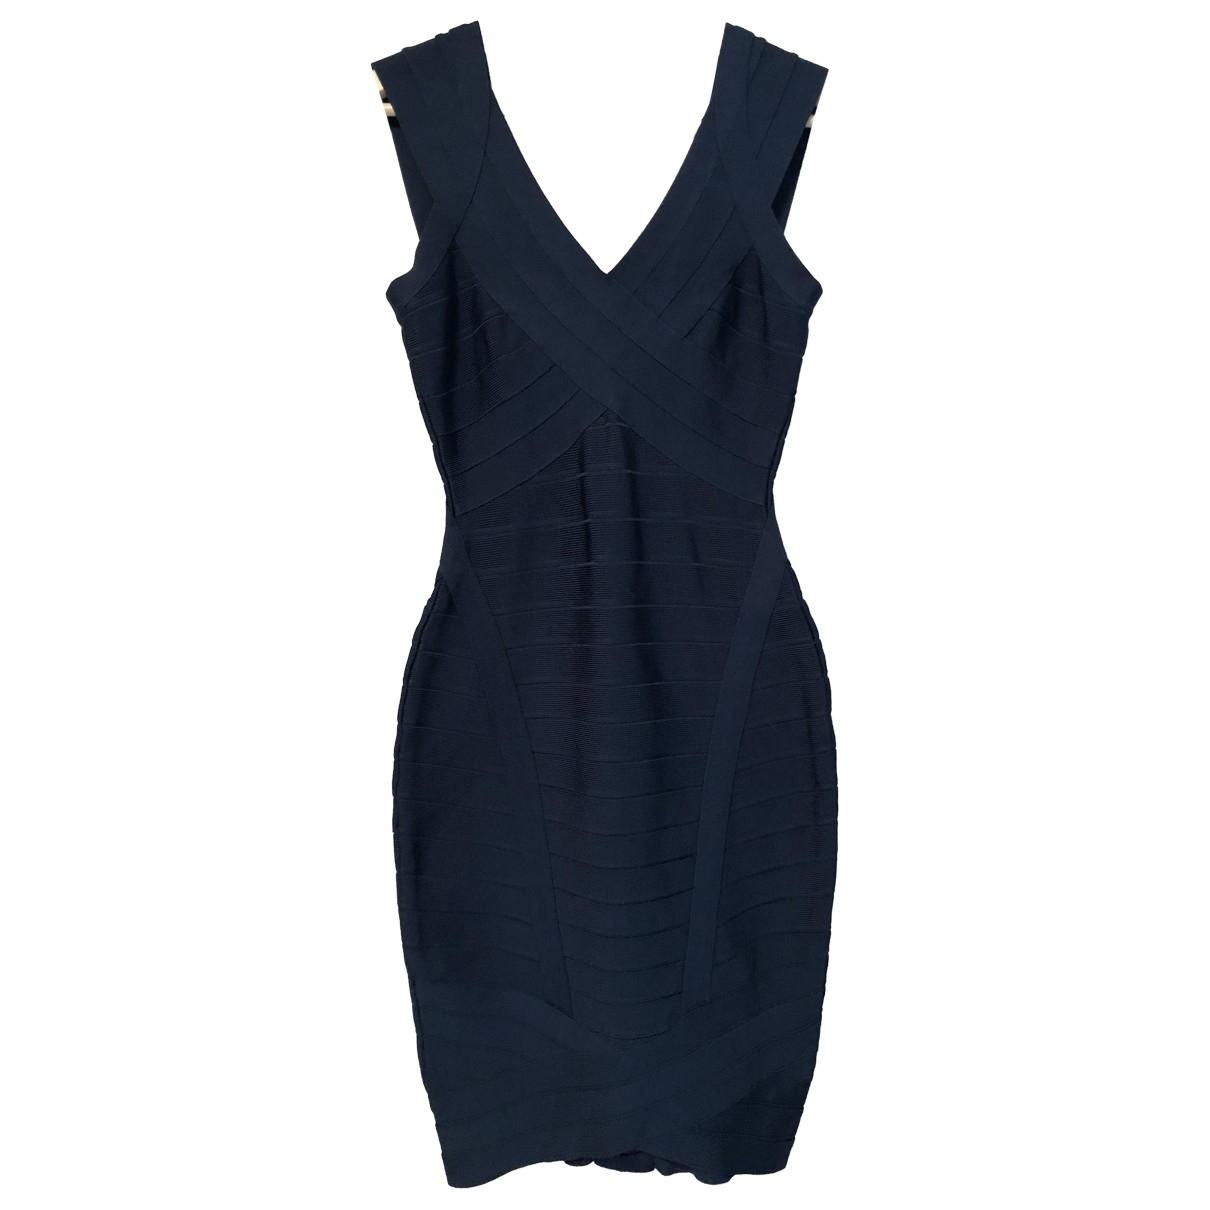 Herve Leger \N Kleid in  Blau Synthetik